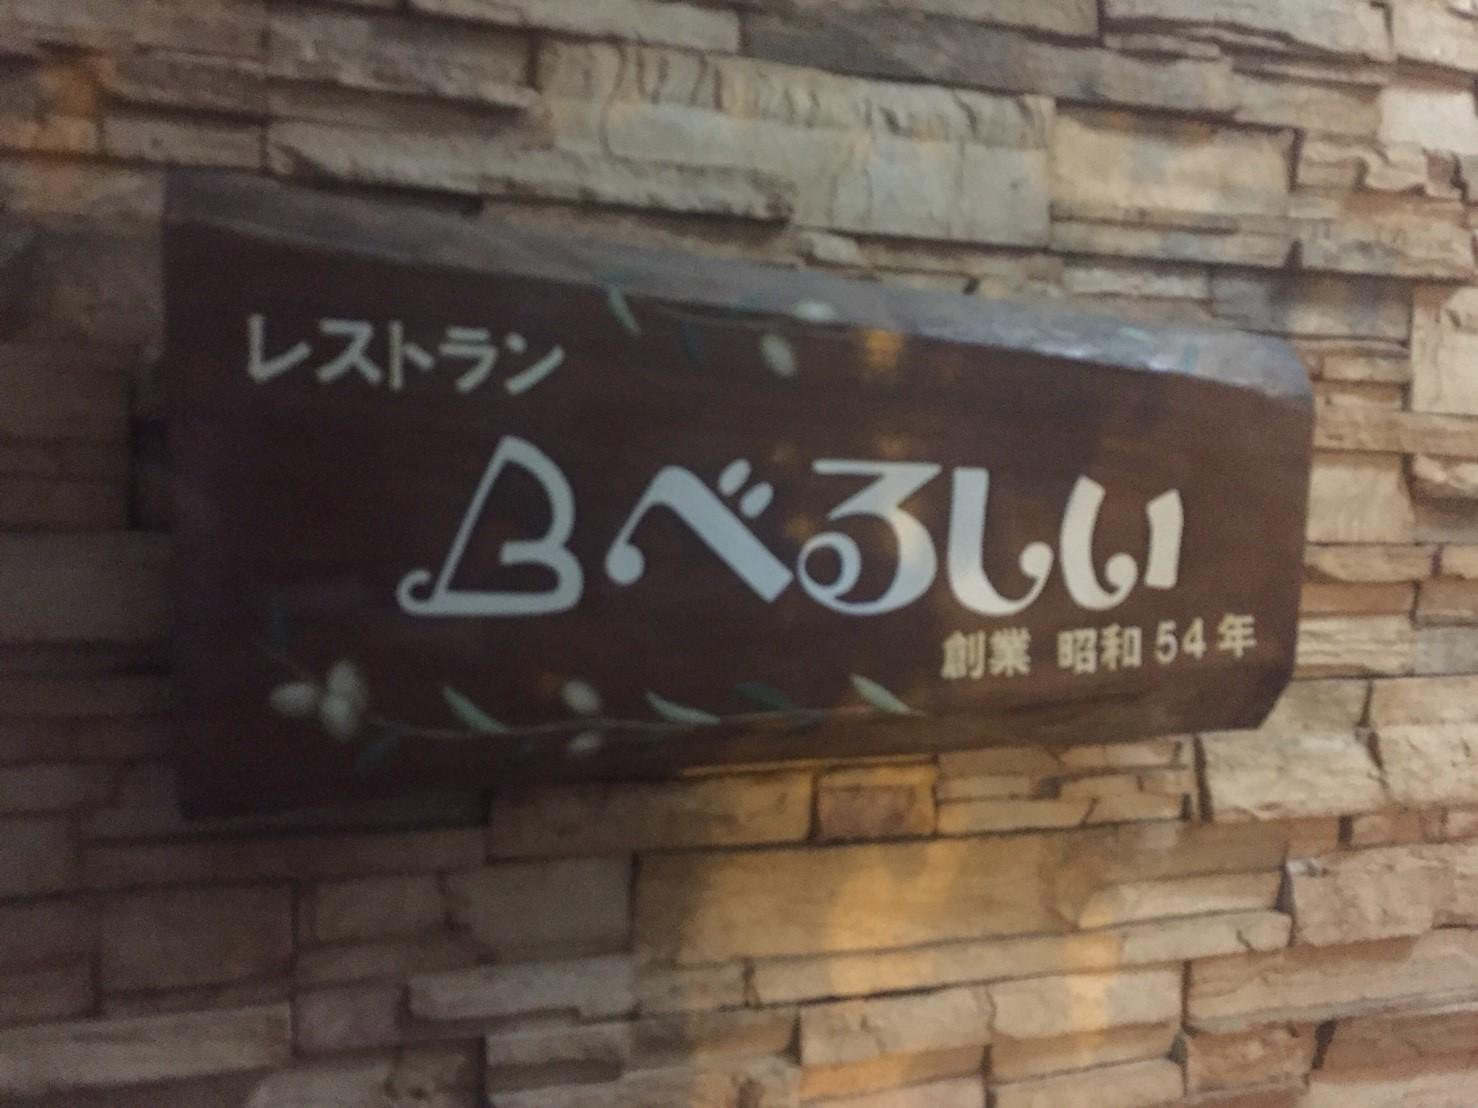 レストラン  べるしい  FINAL_e0115904_01273547.jpg